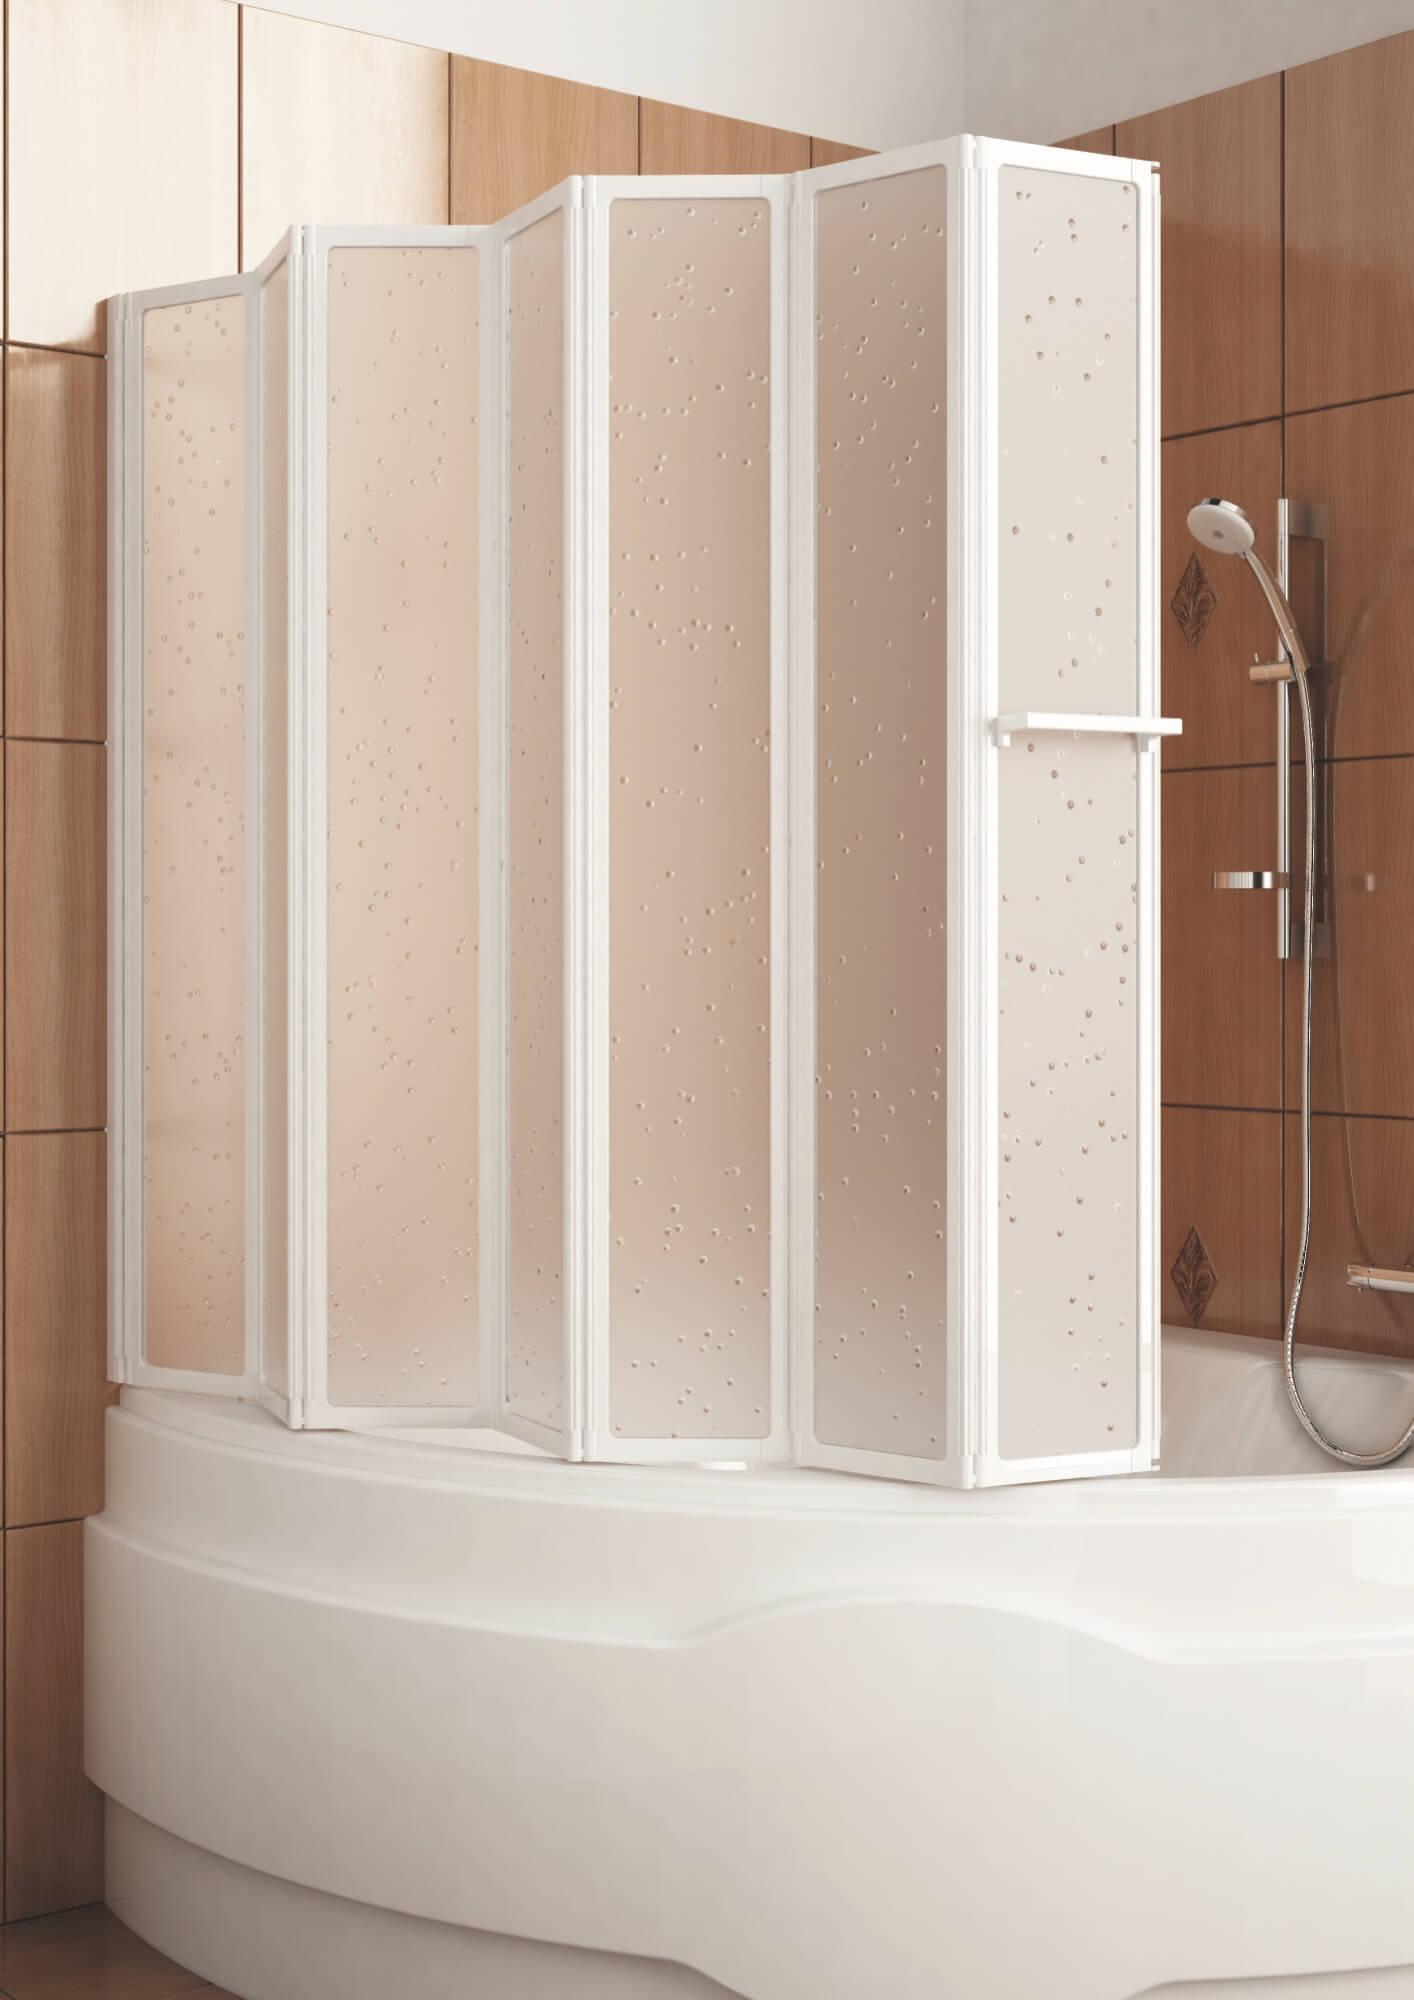 Складная стеклянная шторка для угловой ванной